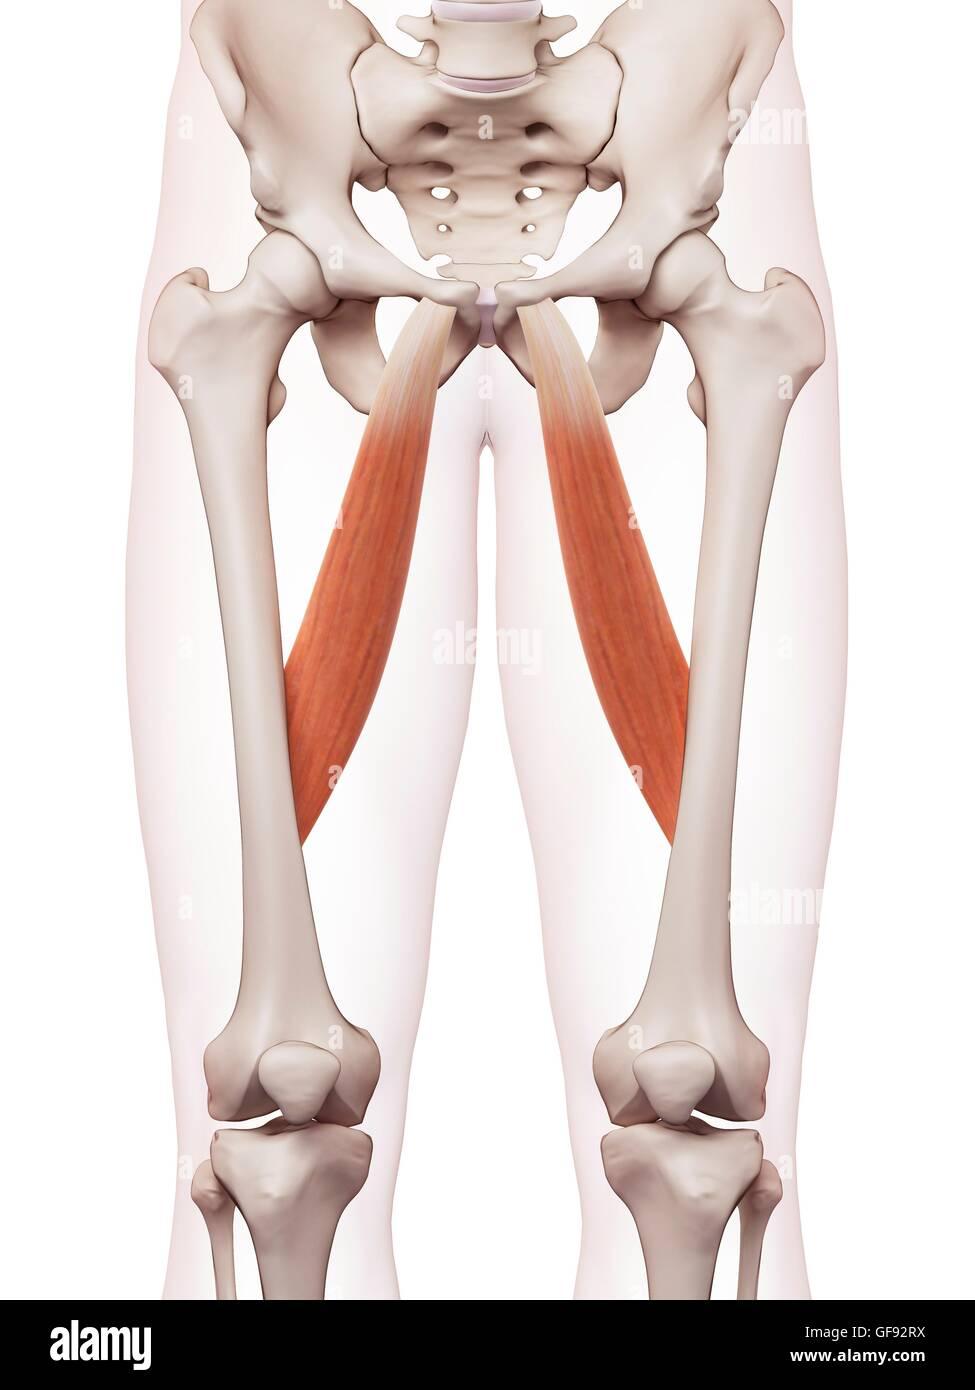 Menschliches Beinmuskeln, Abbildung Stockfoto, Bild: 112681854 - Alamy